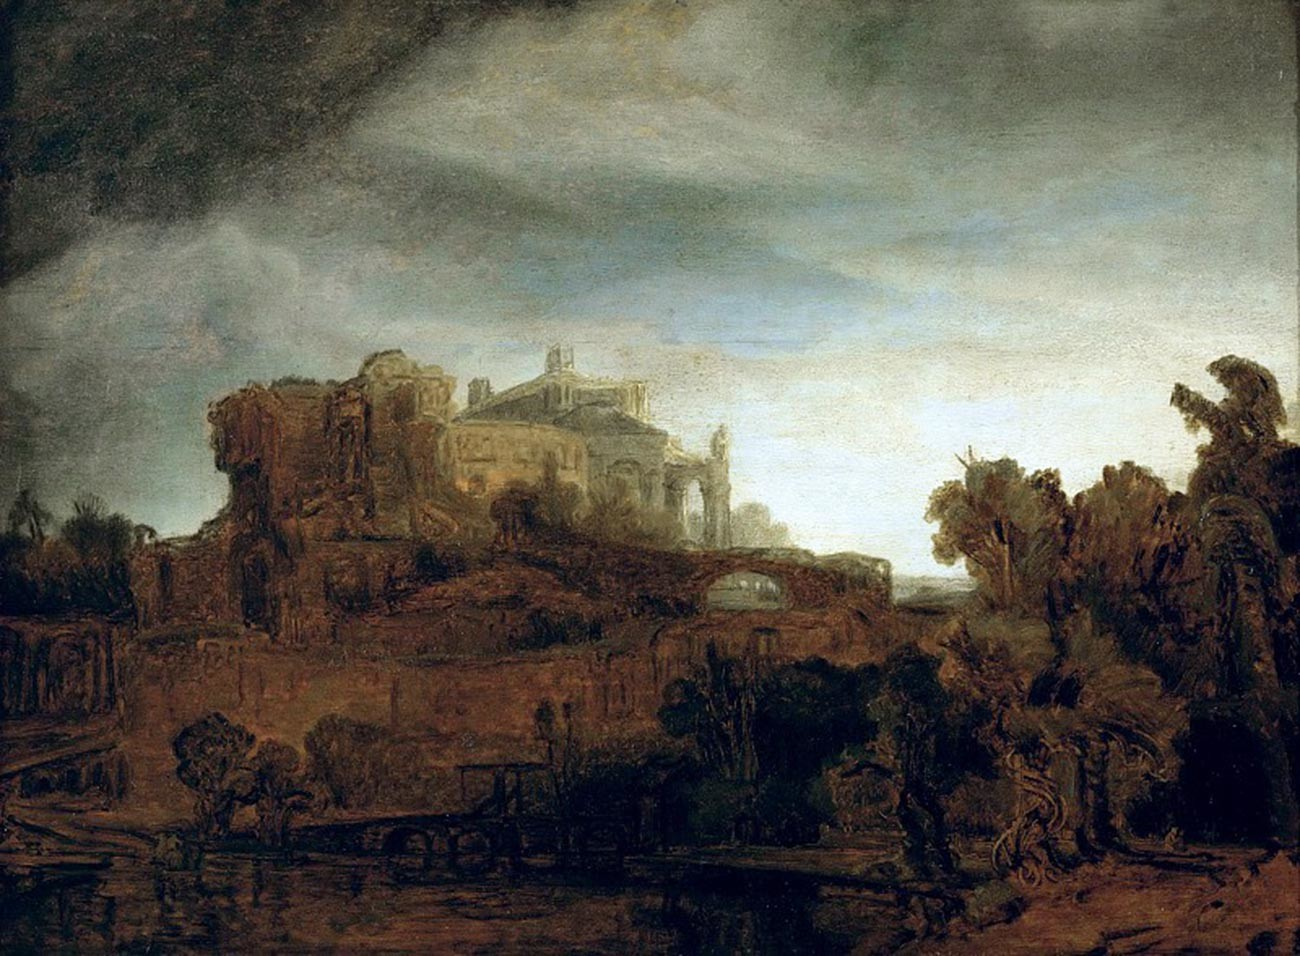 Rembrandt. Landscape with a Castle